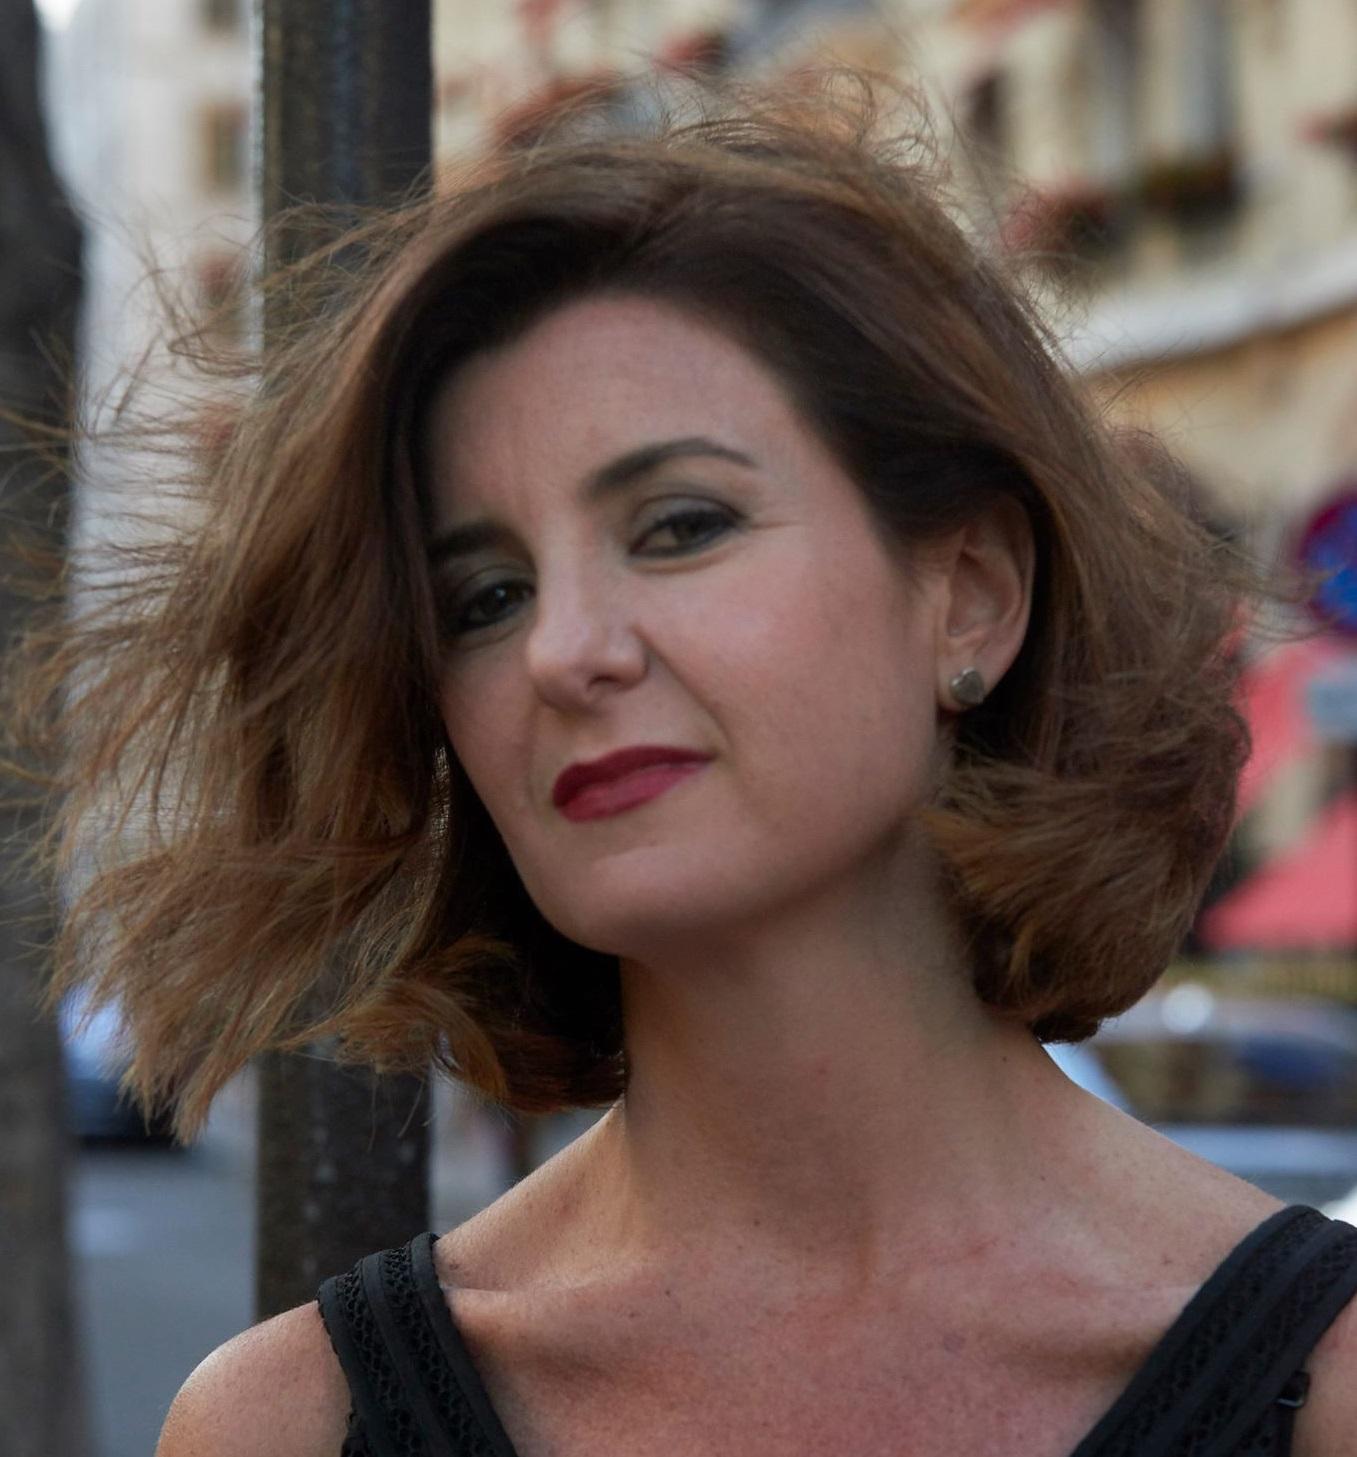 Donne contro il Femminicidio #47: le parole che cambiano il mondo con Diana Palomba